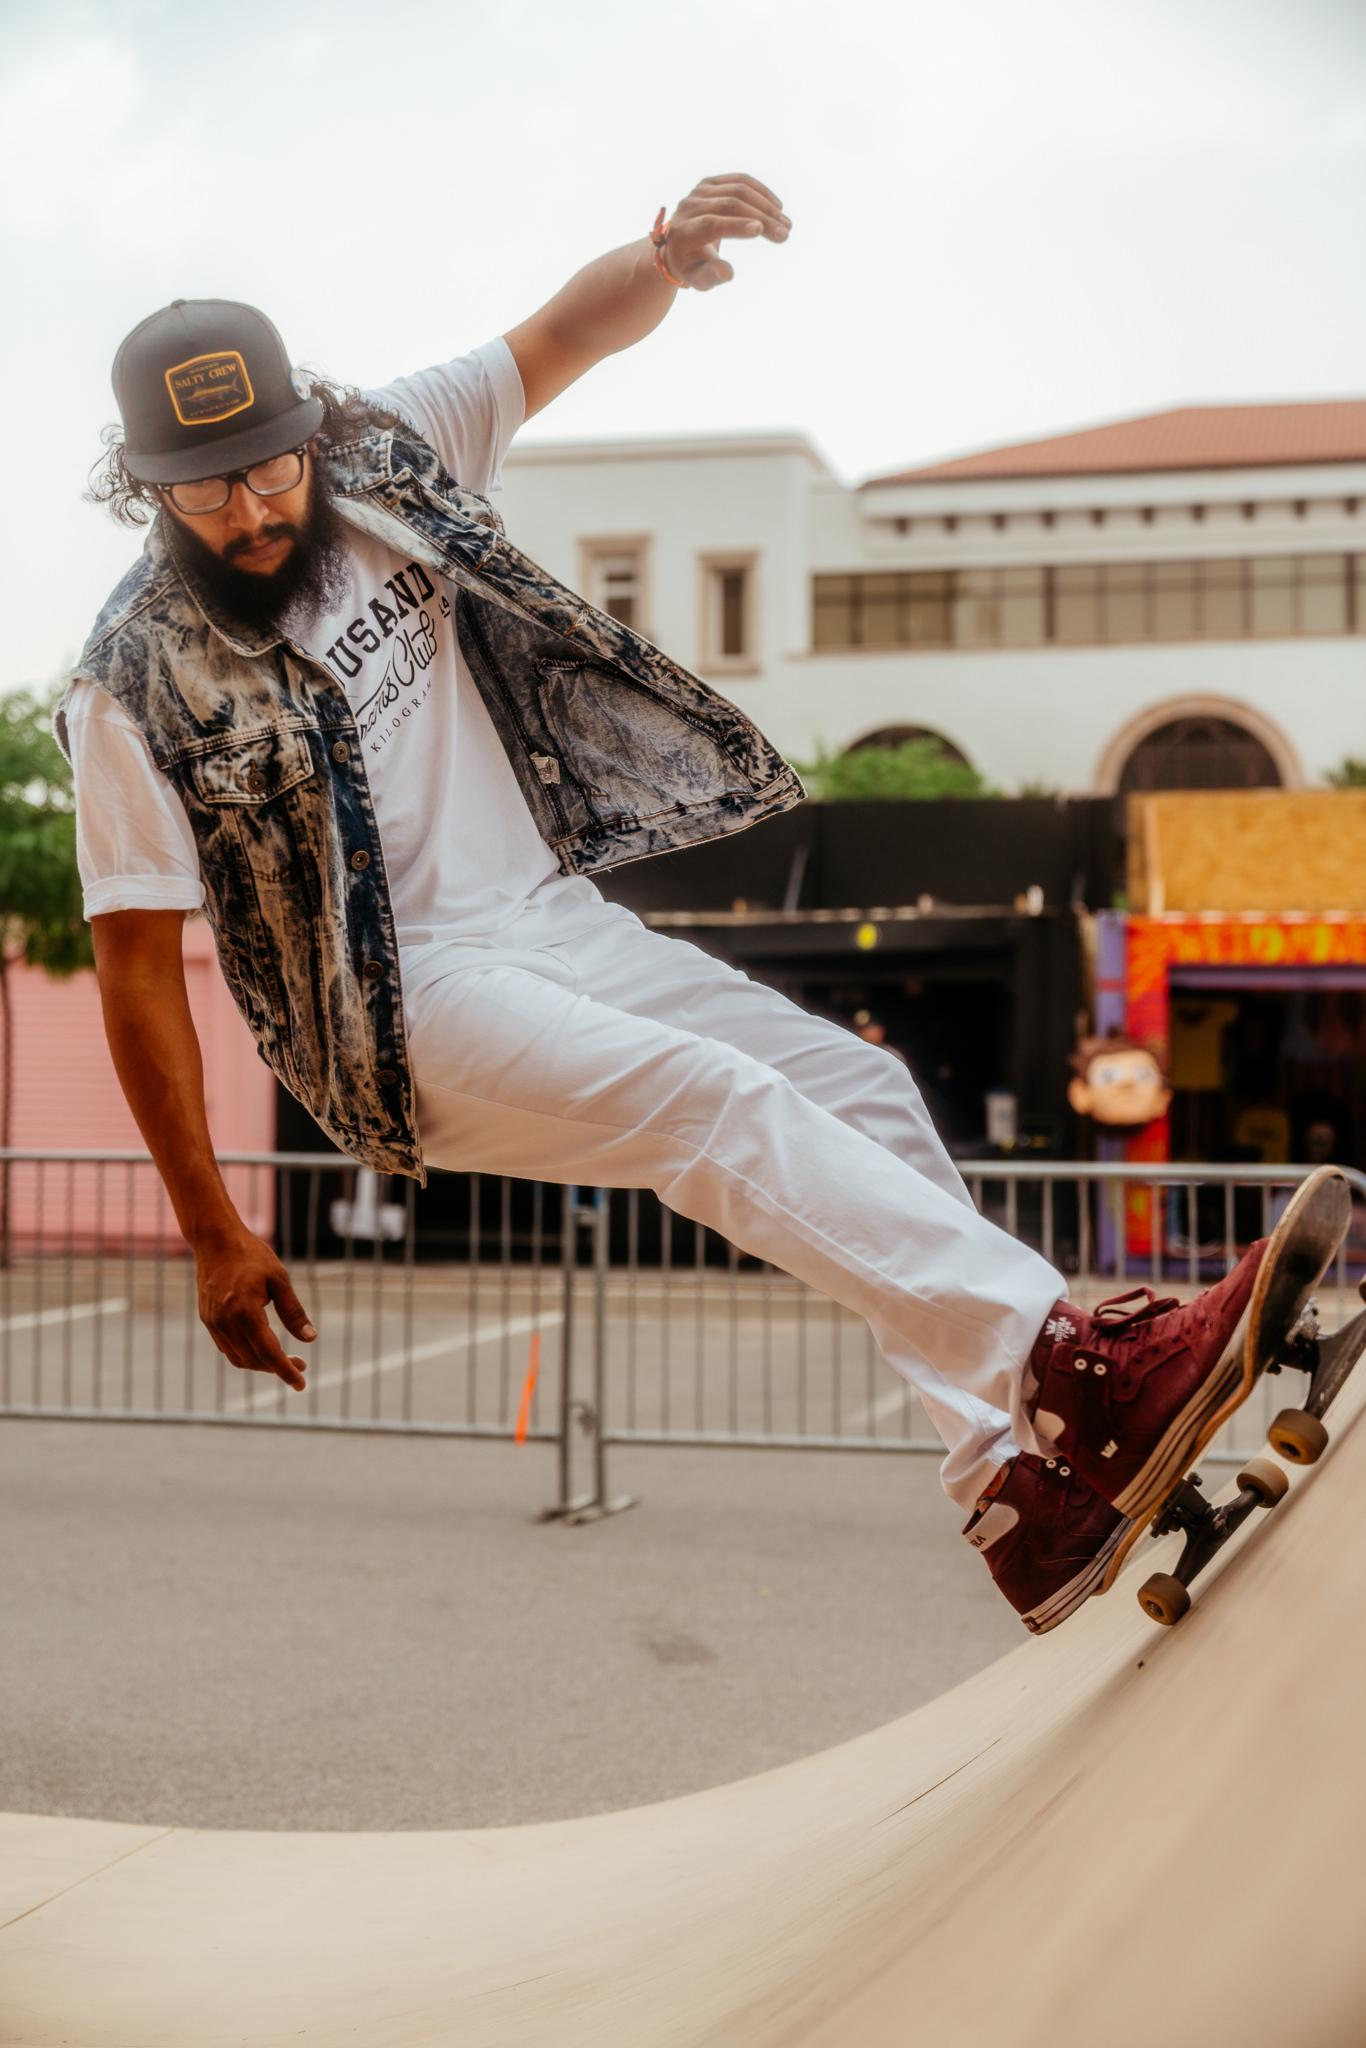 skate_NeonDesert2019_KirbyGladstein-09195.jpg